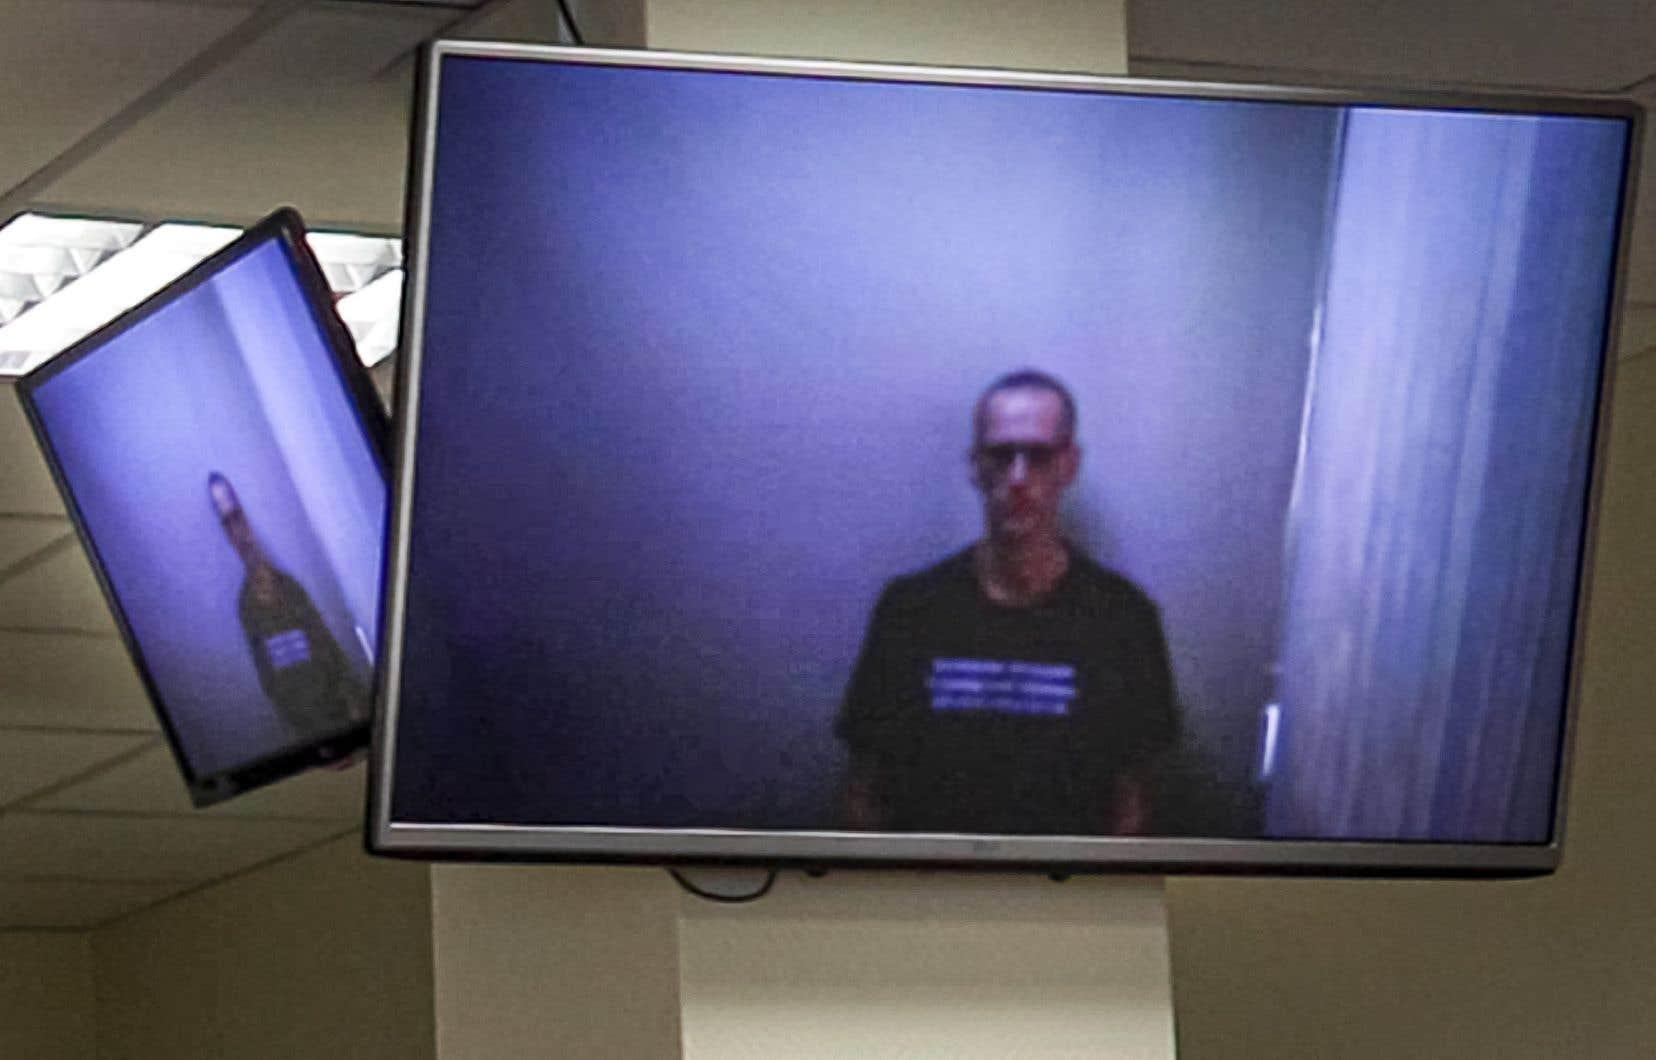 Emprisonné, décharné et le crâne rasé, Alexeï Navalny s'est exprimé en visioconférence jeudi devant un tribunal moscovite pour l'appel de sa condamnation à une amende en mars.